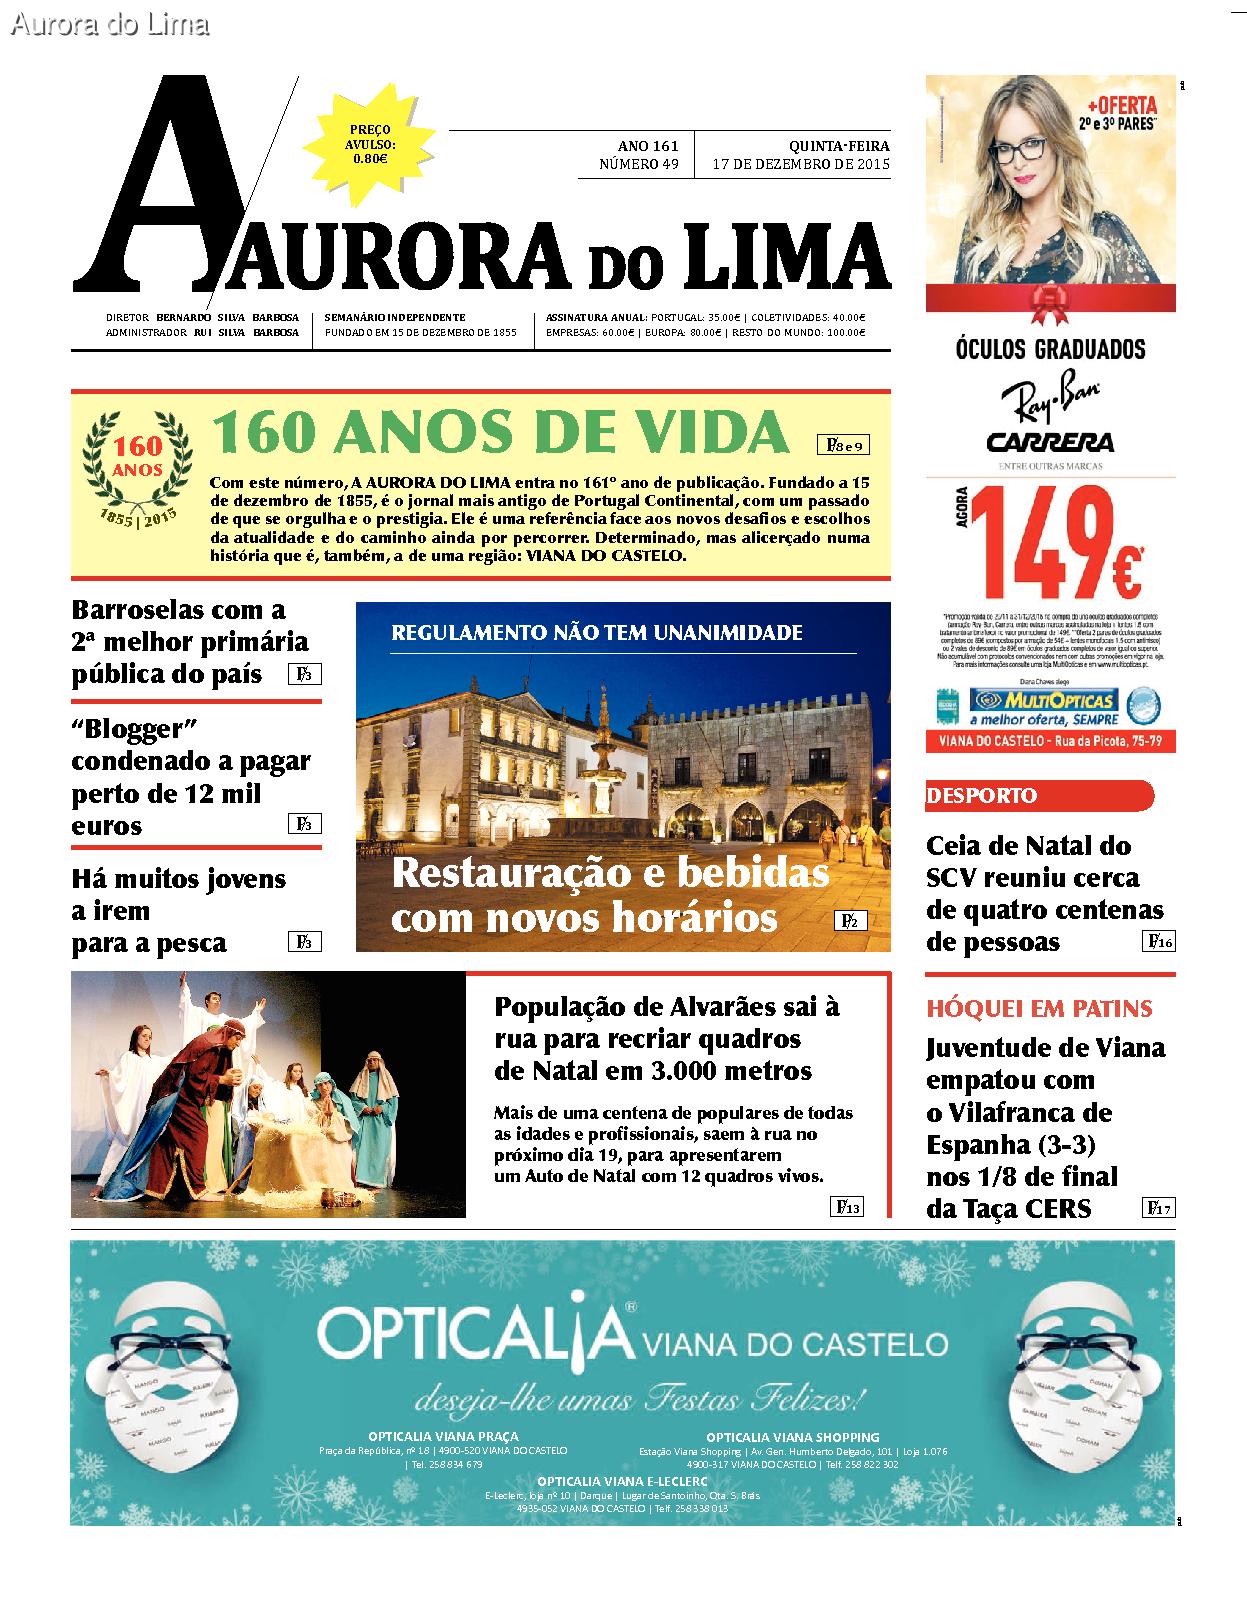 """Com 160 anos de vida Jornal Aurora do Lima """"promete continuar enquanto for sustentável""""."""